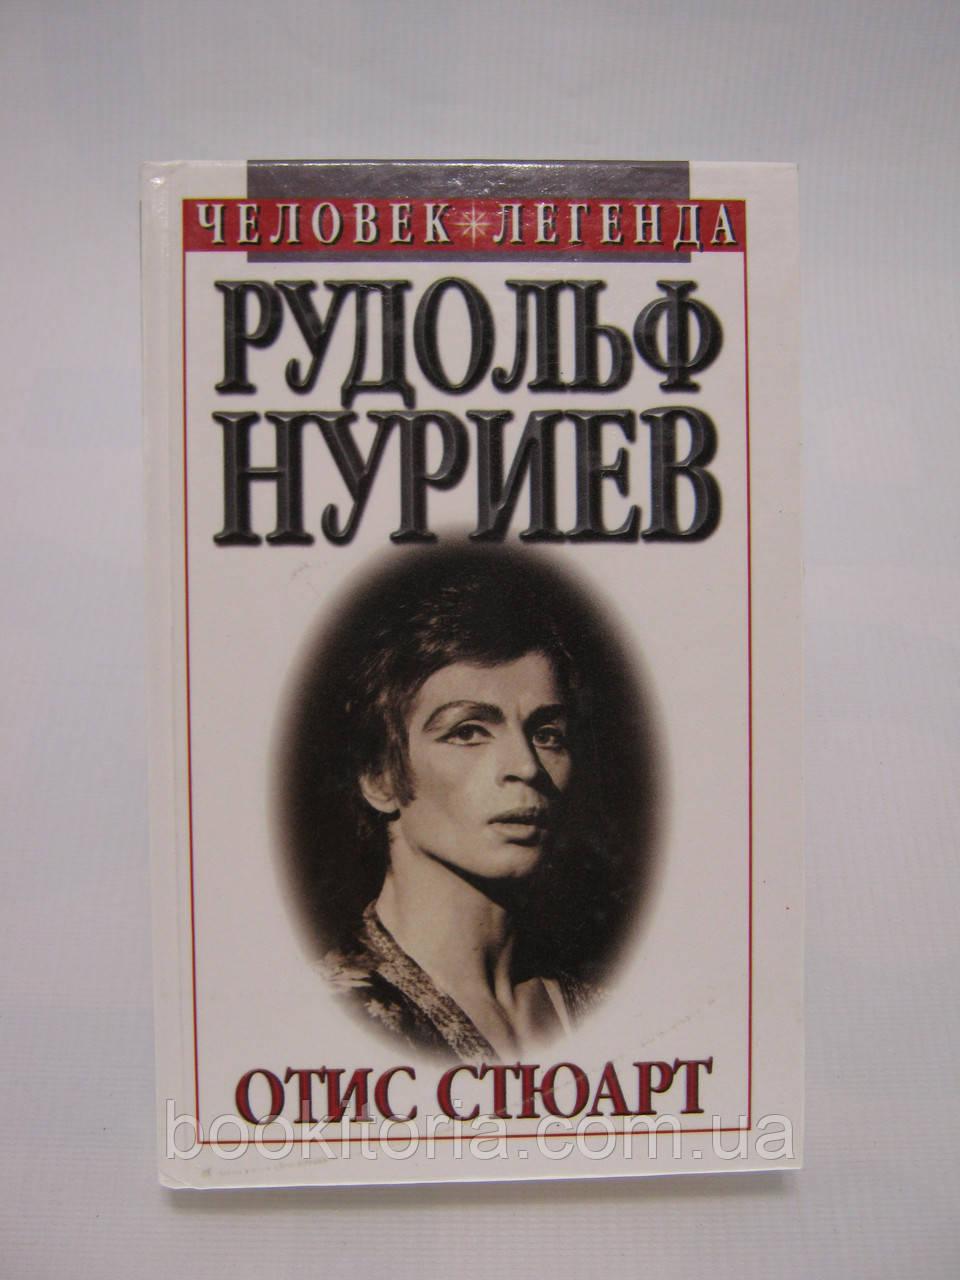 Стюарт О. Рудольф Нуриев. Вечное движение (б/у).